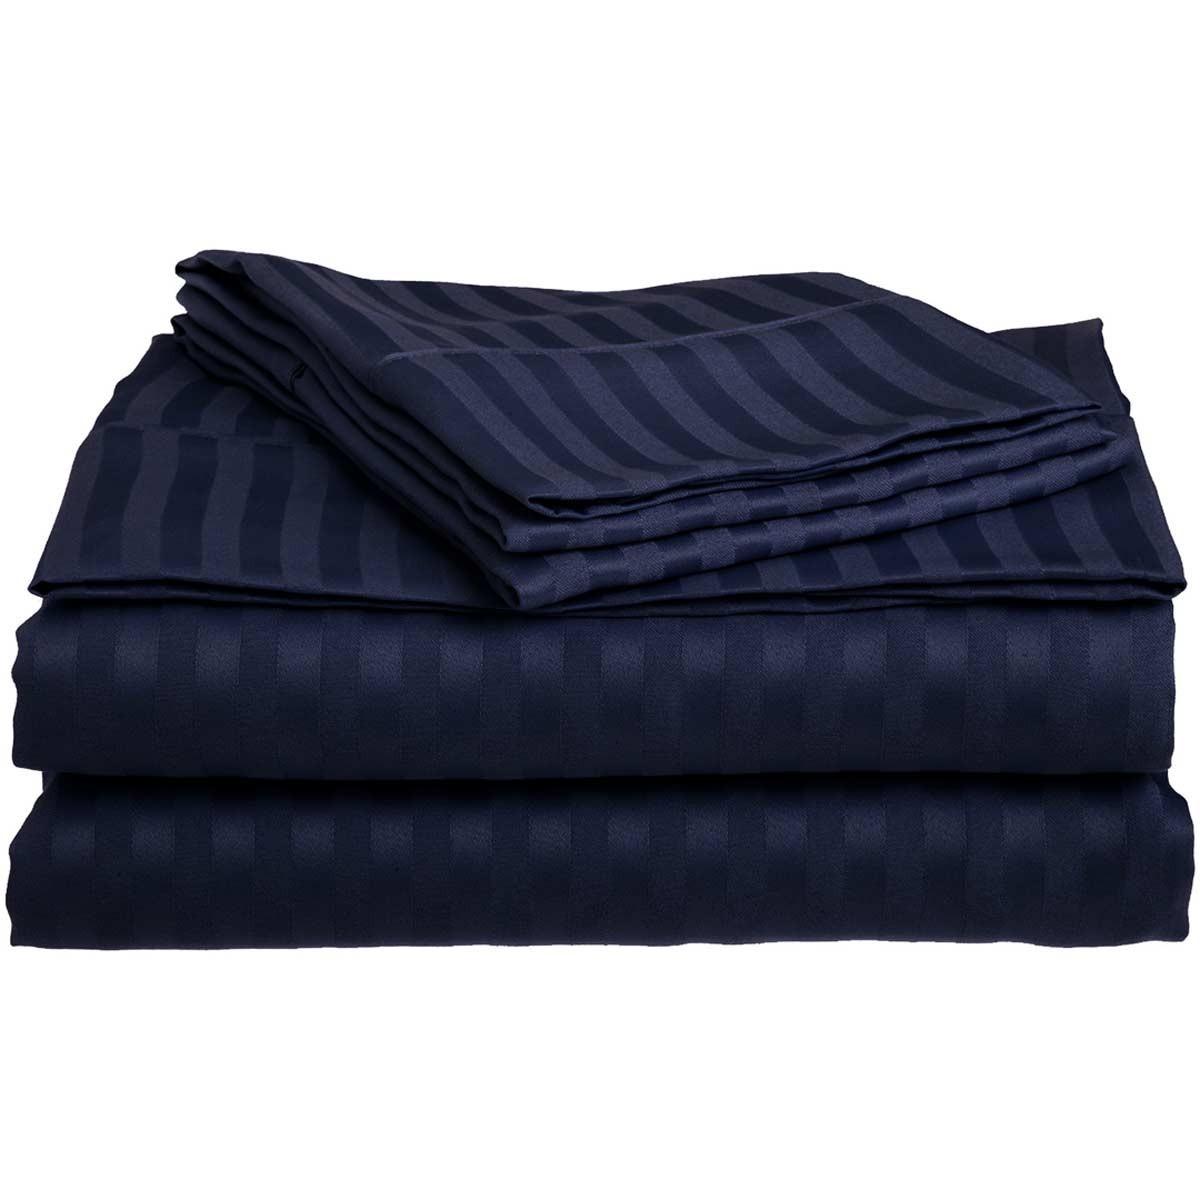 Παπλωματοθήκη Υπέρδιπλη (Σετ) 400+ By Bedwall Satin Stripe Blue